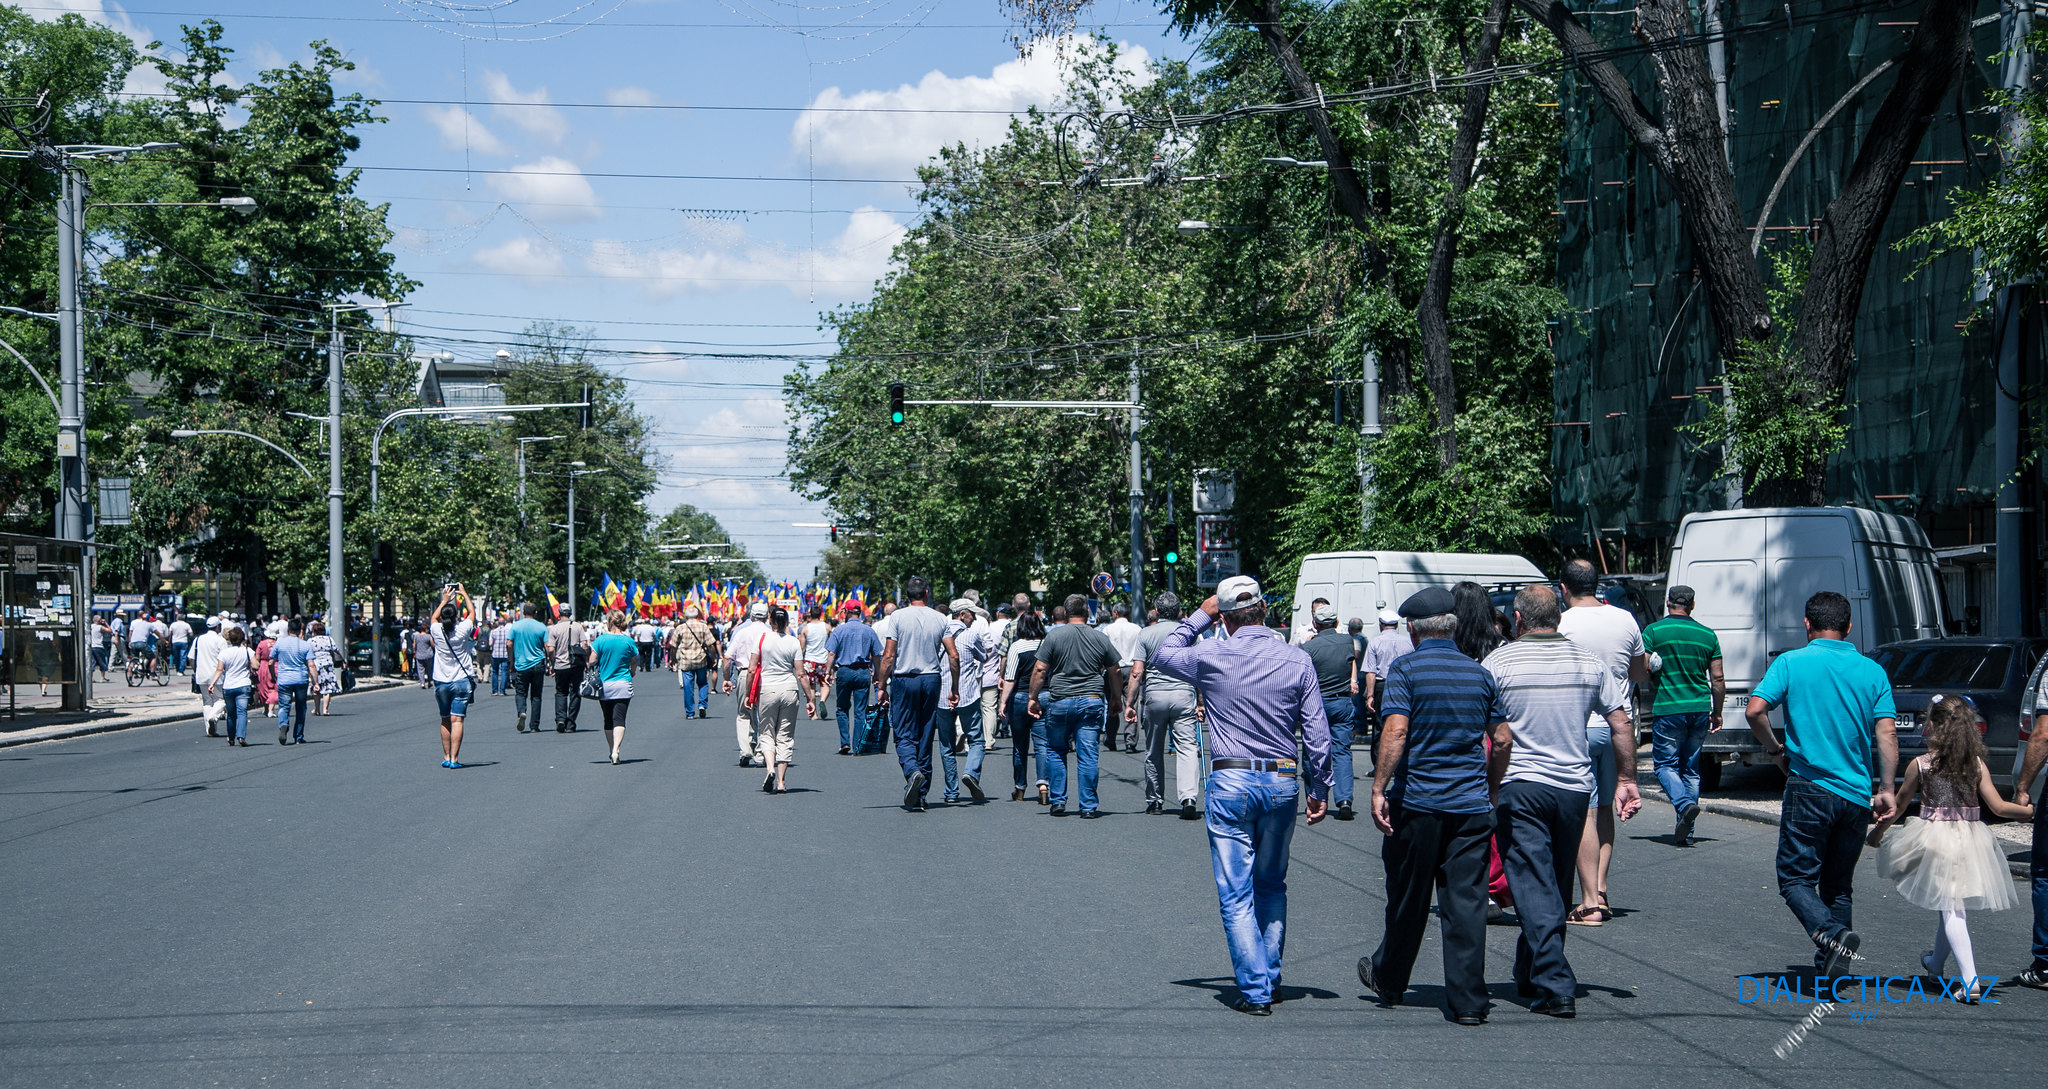 Протест в Кишиневе против смешанной избирательной системы Плахотнюка 11 июня 2017 (Фото)